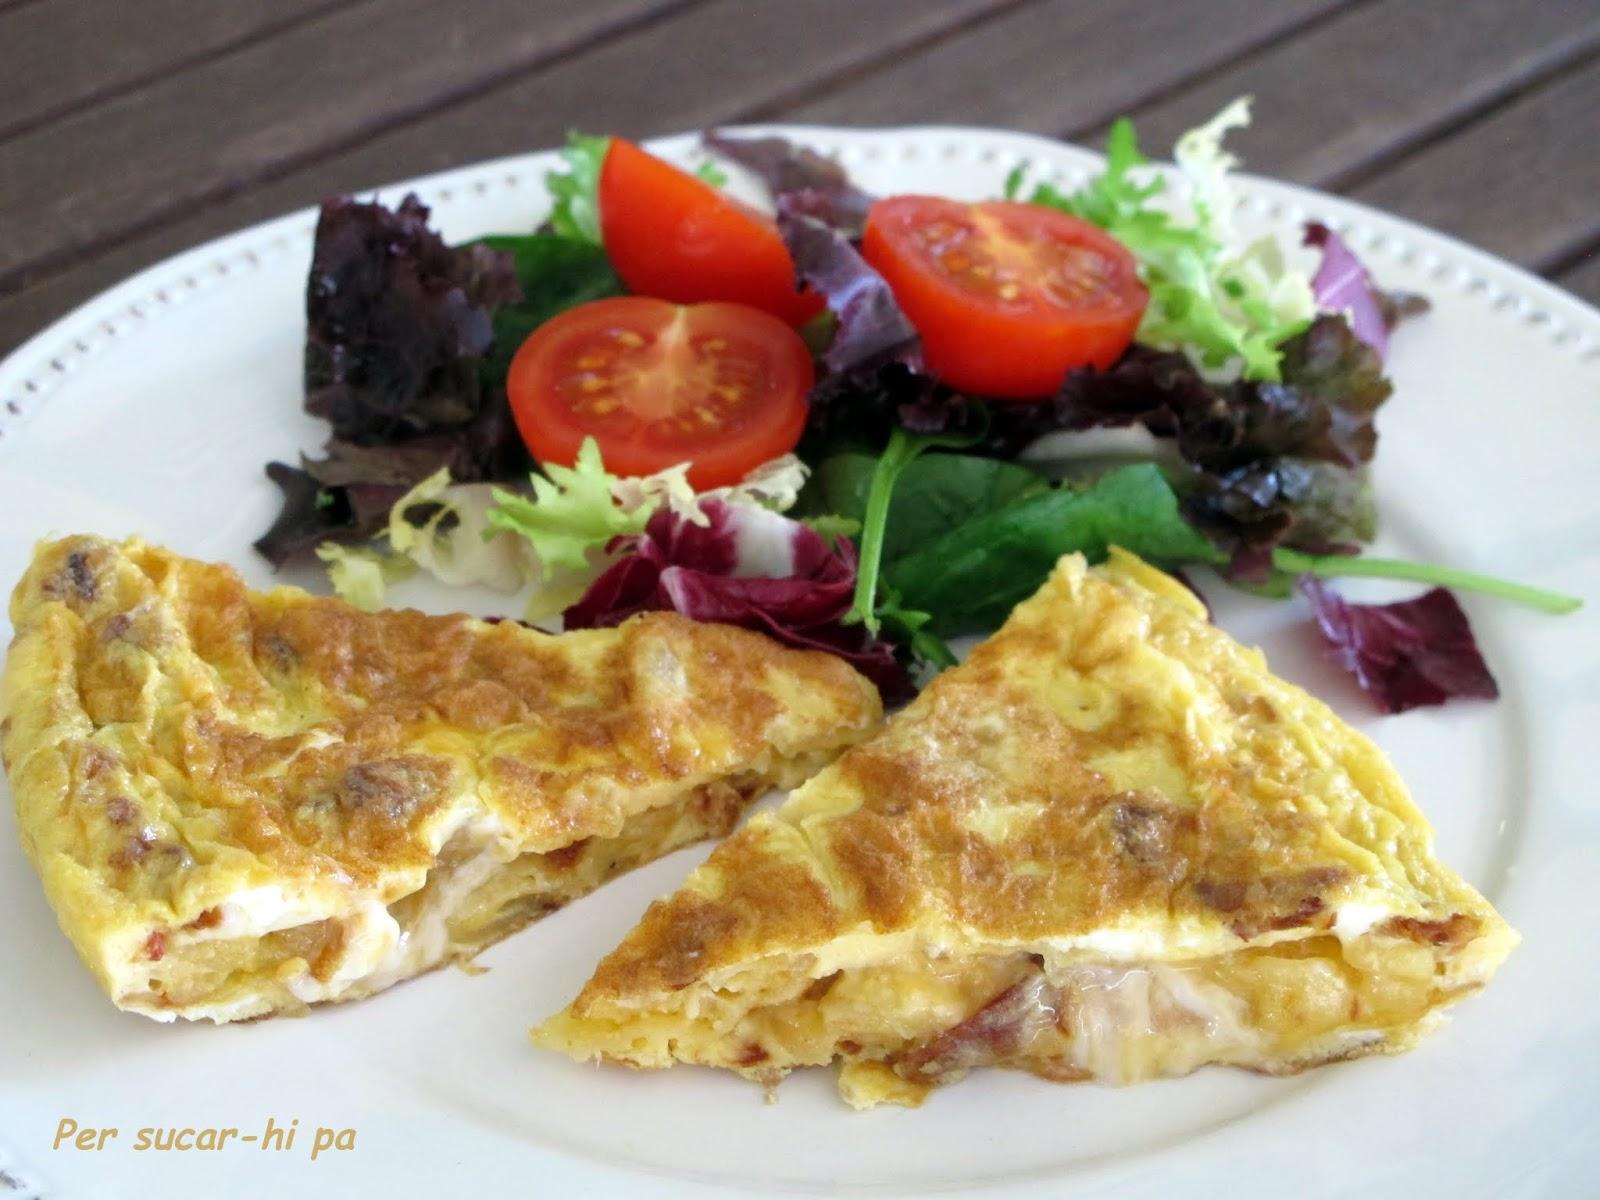 La cocina de L@C - Página 37 Tortilla-espa%C3%B1ola-expres